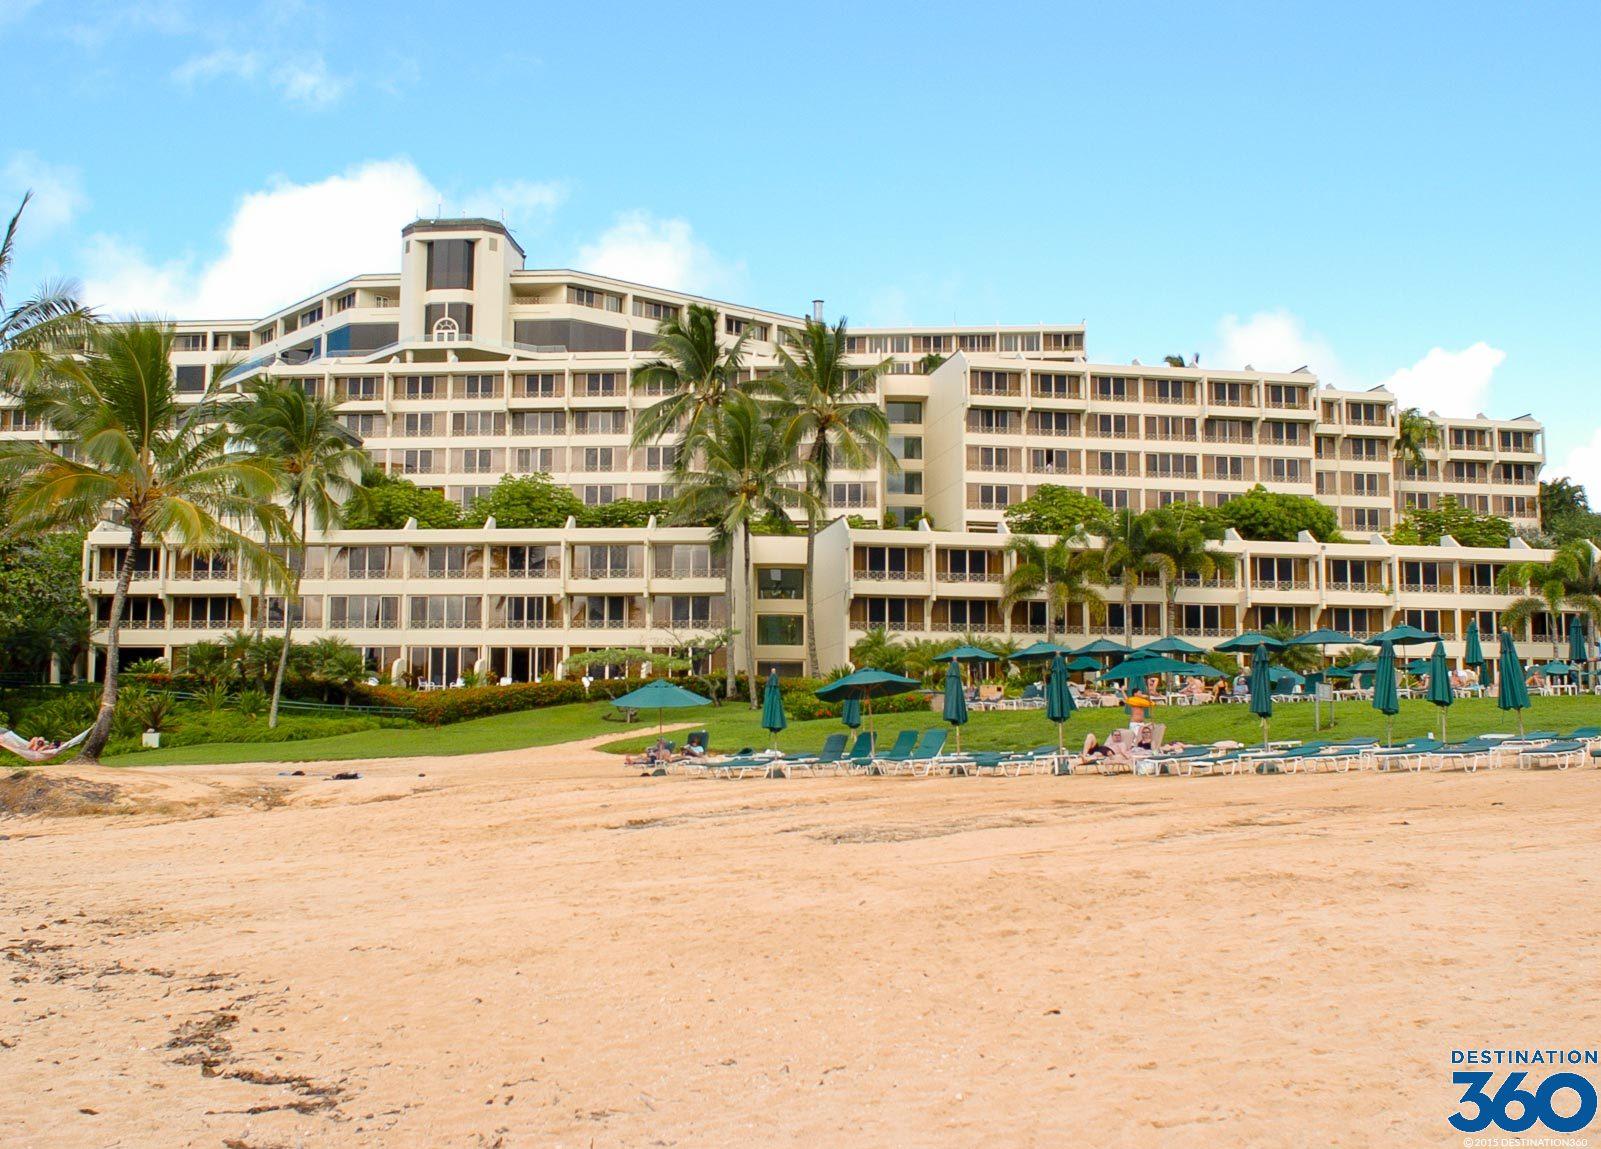 Princeville Hotels Best Hotels In Princeville